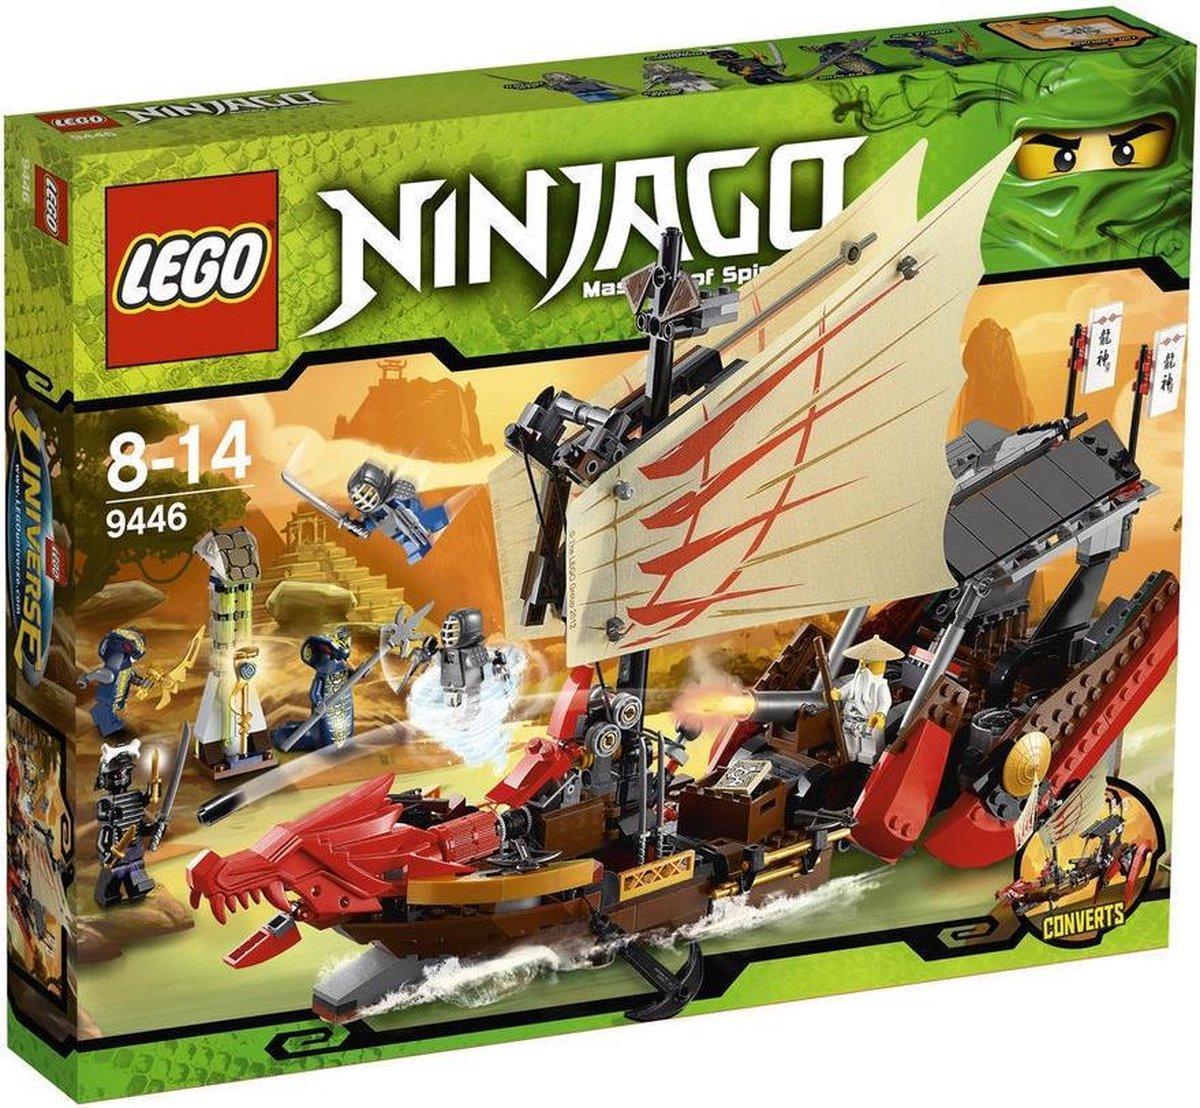 LEGO NINJAGO Destiny